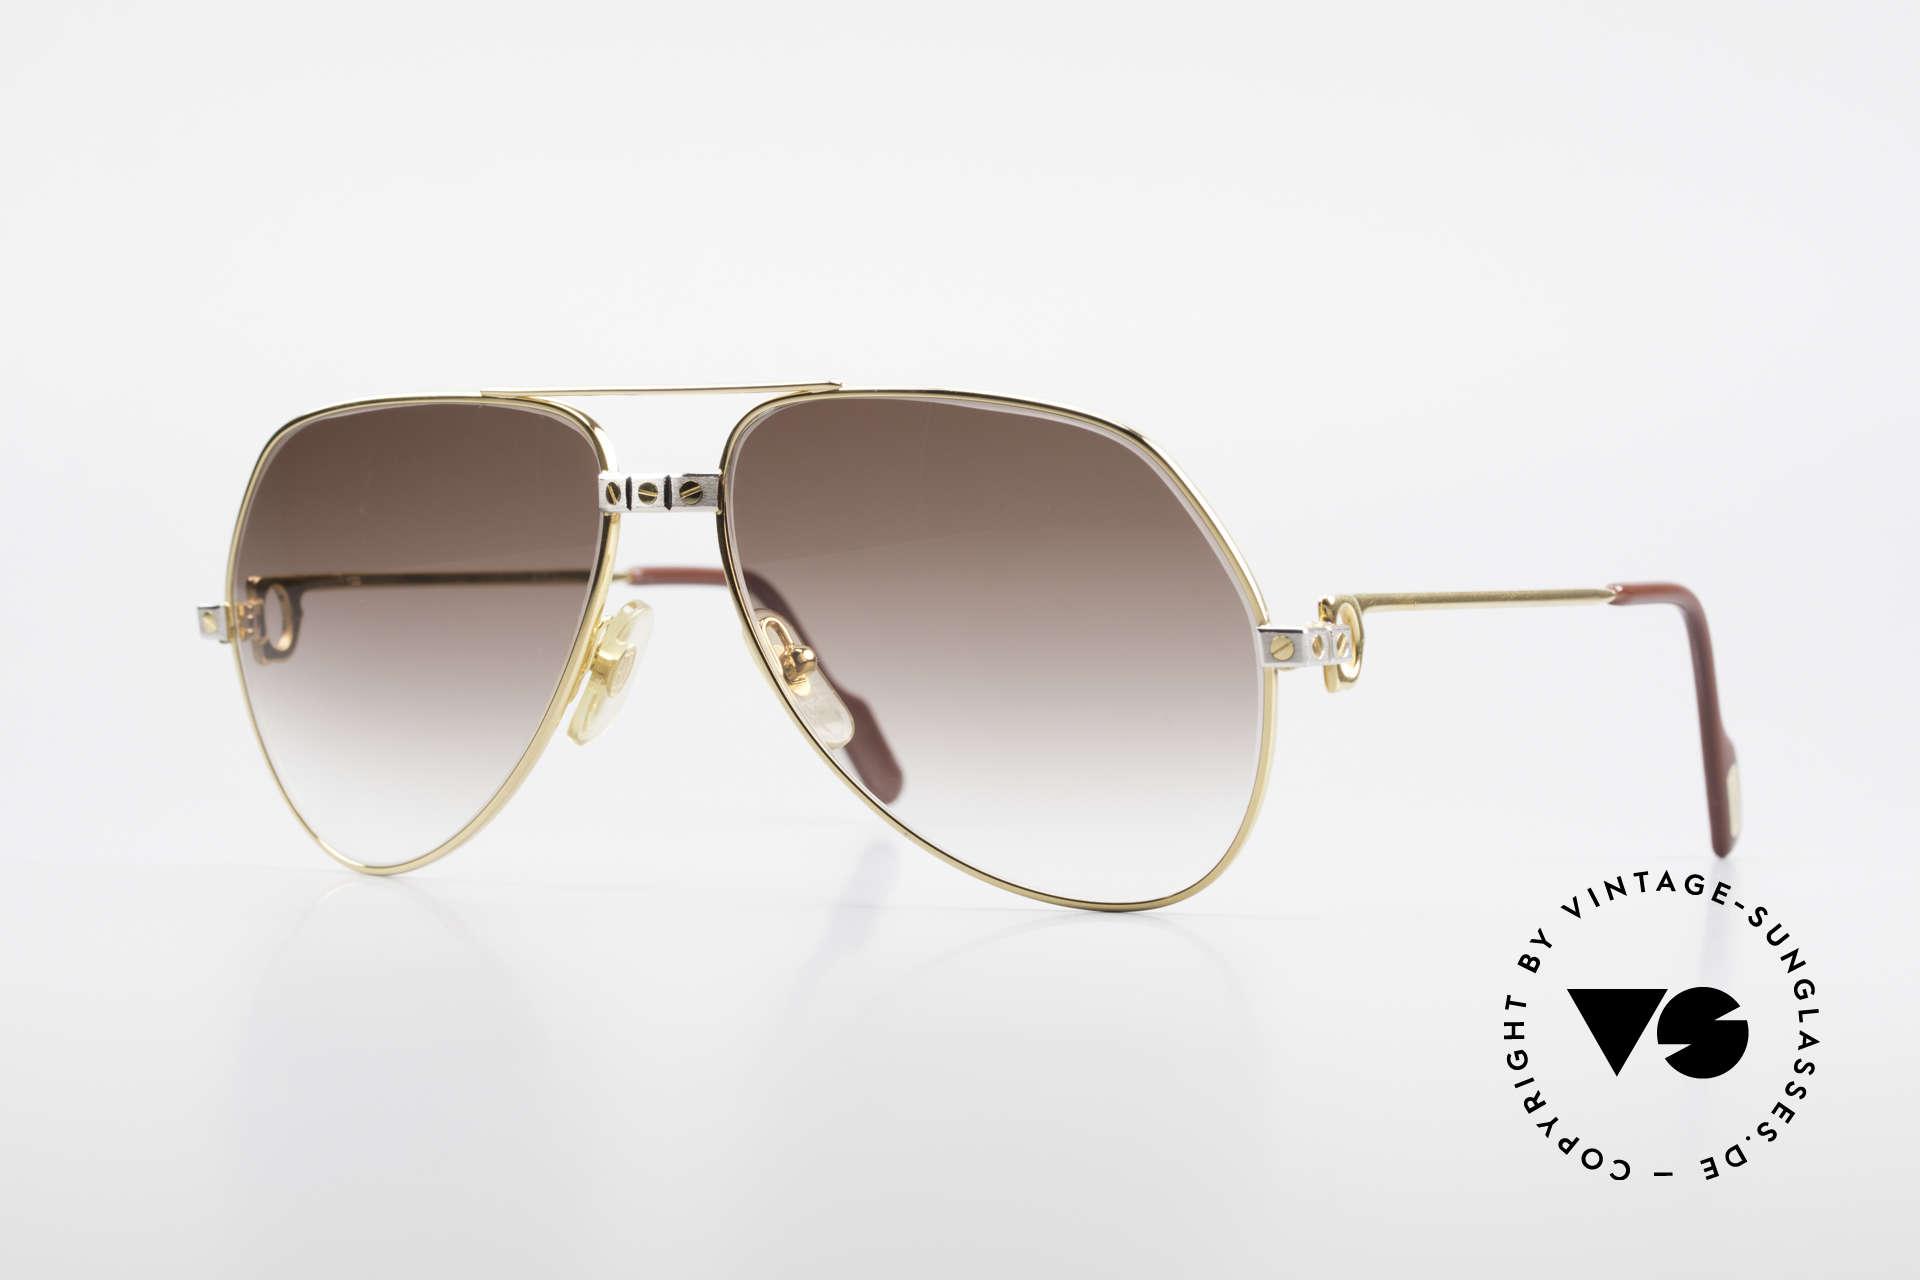 Cartier Vendome Santos - M Luxus Aviator Sonnenbrille, Vendome = das berühmteste Brillendesign von CARTIER, Passend für Herren und Damen